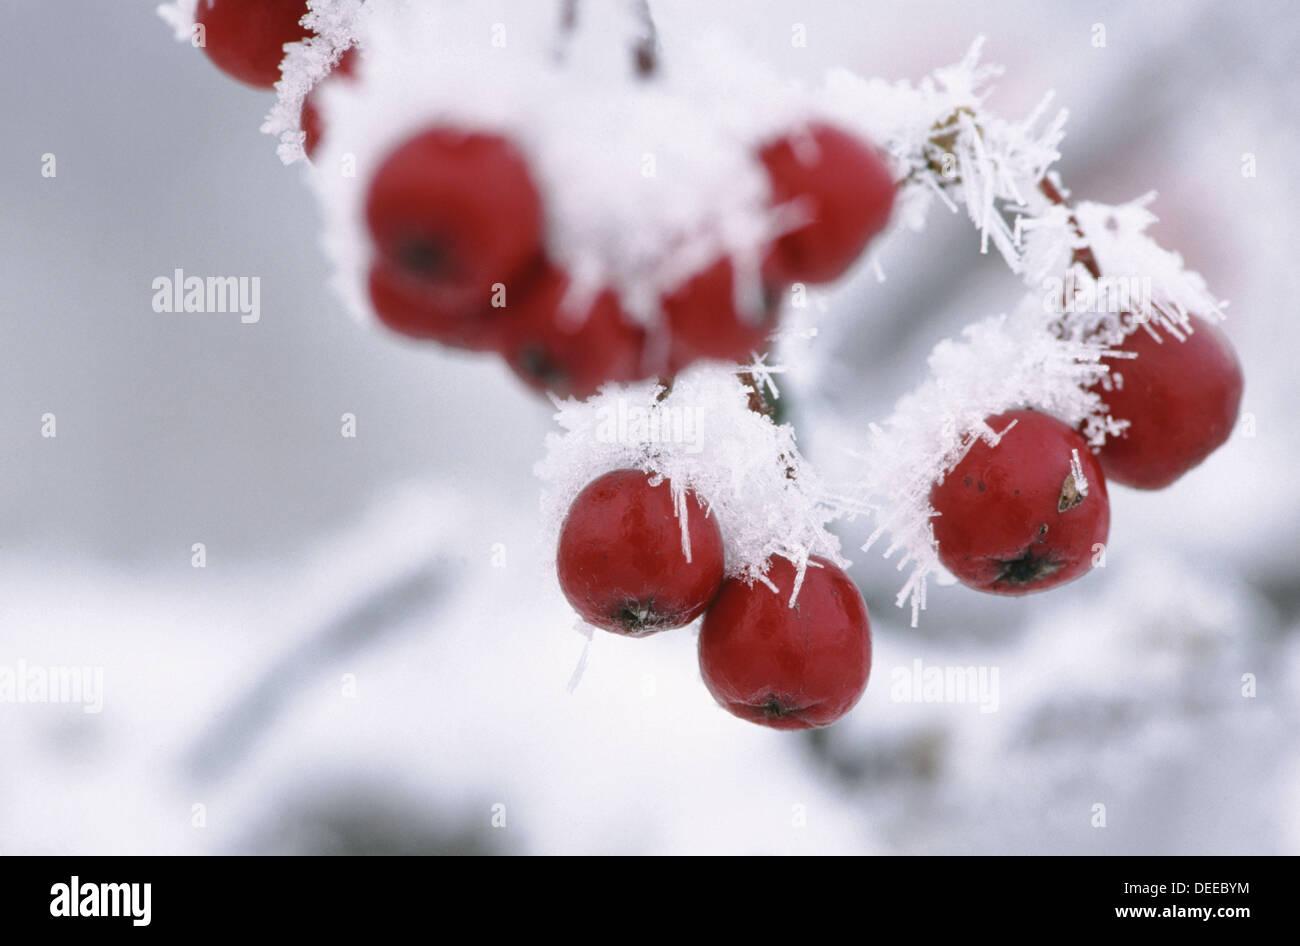 Fruits of European Mountain Ash (Sorbus aucuparia). Bavaria. Germany Stock Photo